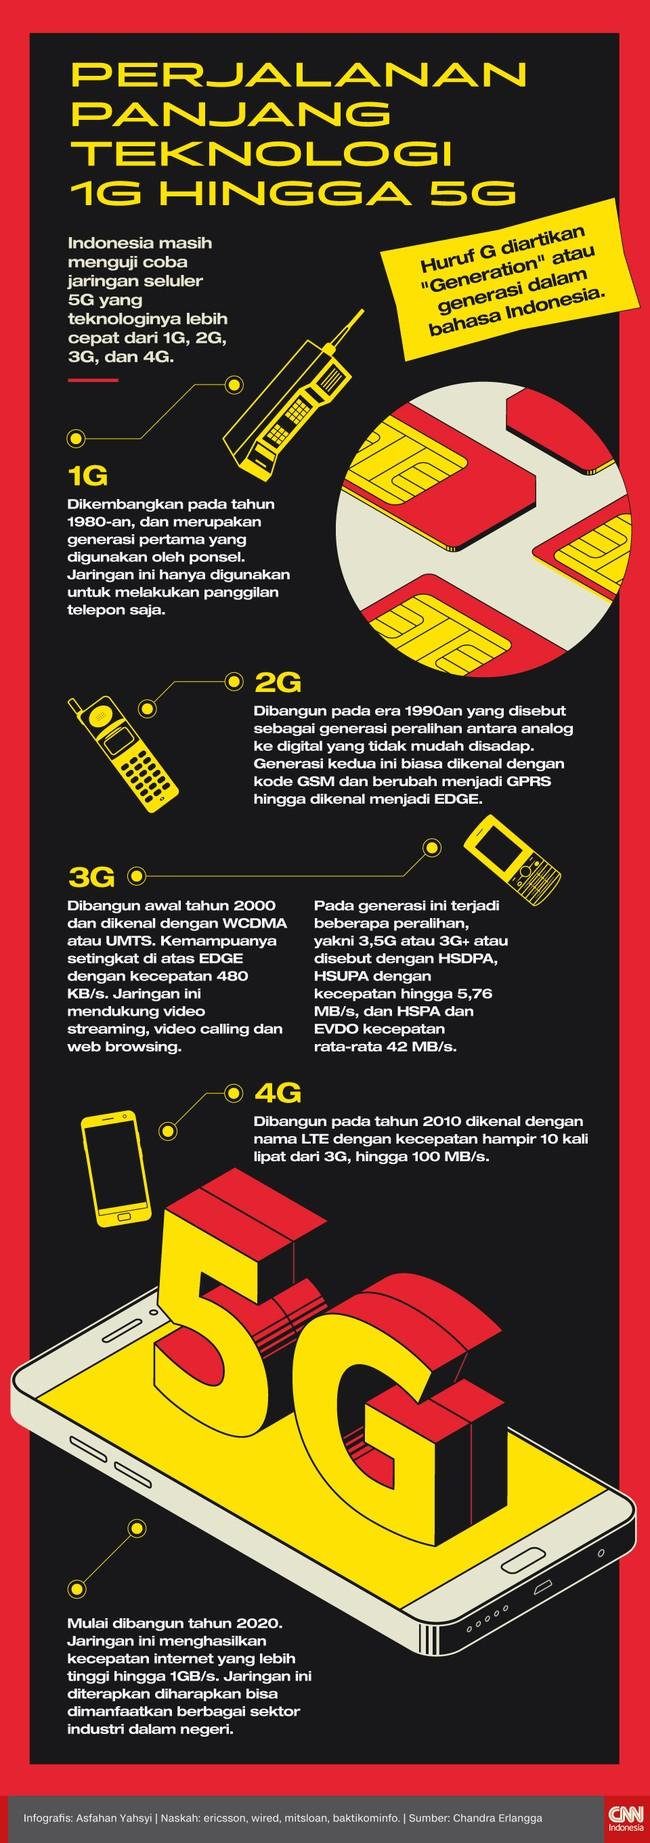 Jaringan 5G merupakan era baru dalam industri telekomunikasi. Jaringan ini lebih cepat dari 4G.